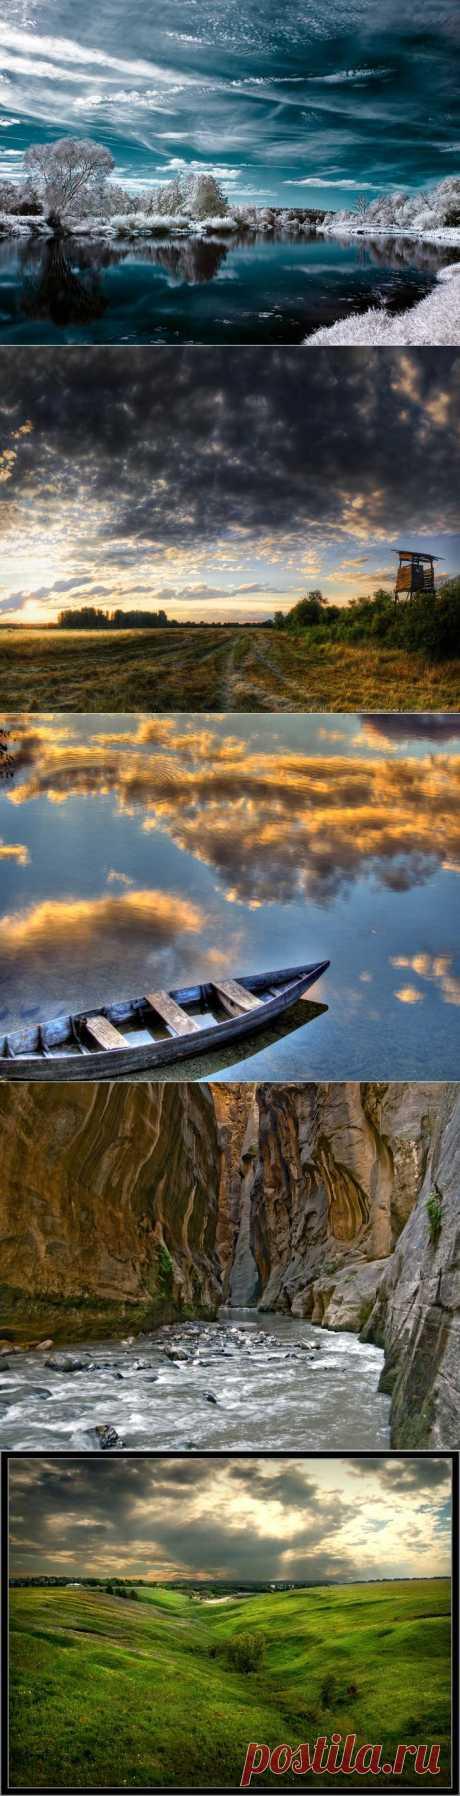 Красивая природа (39фото) » RadioNetPlus.ru развлекательный портал